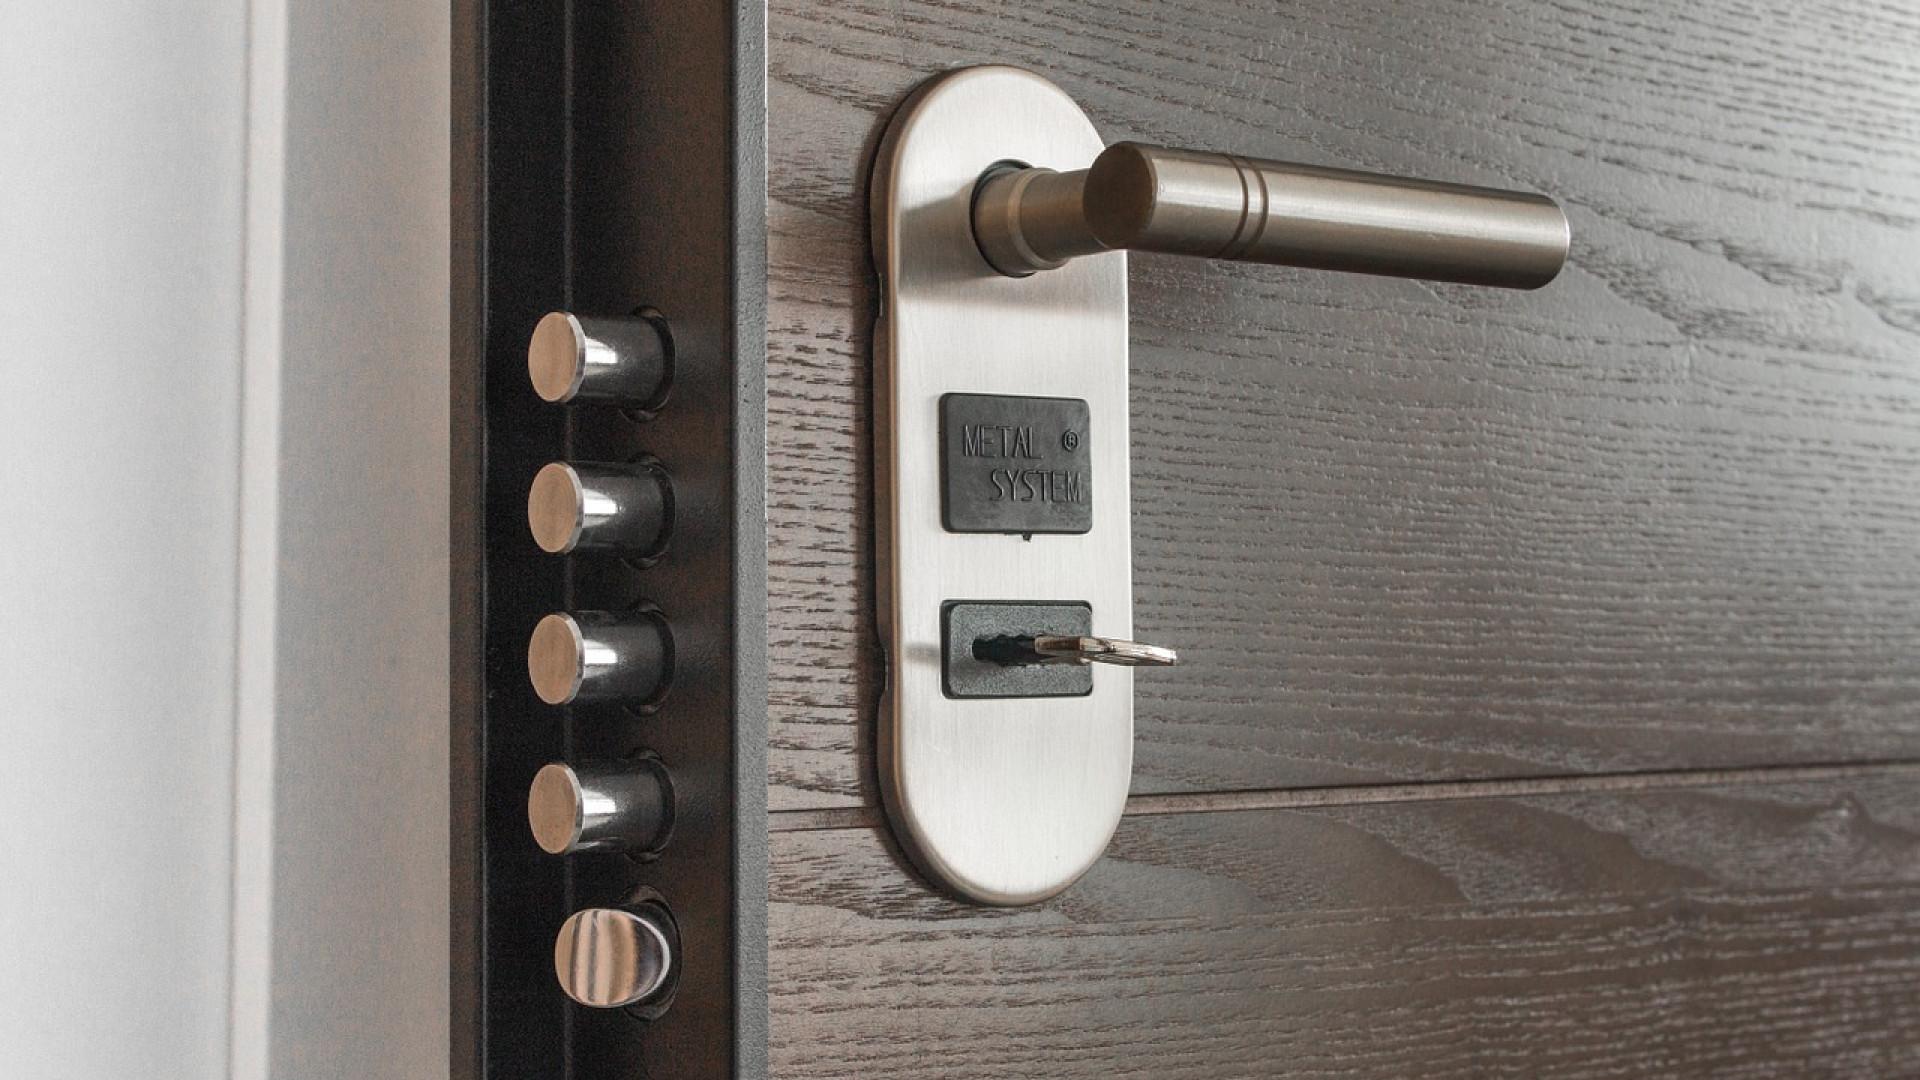 Pourquoi privilégier la norme A2P pour la sécurité de votre domicile